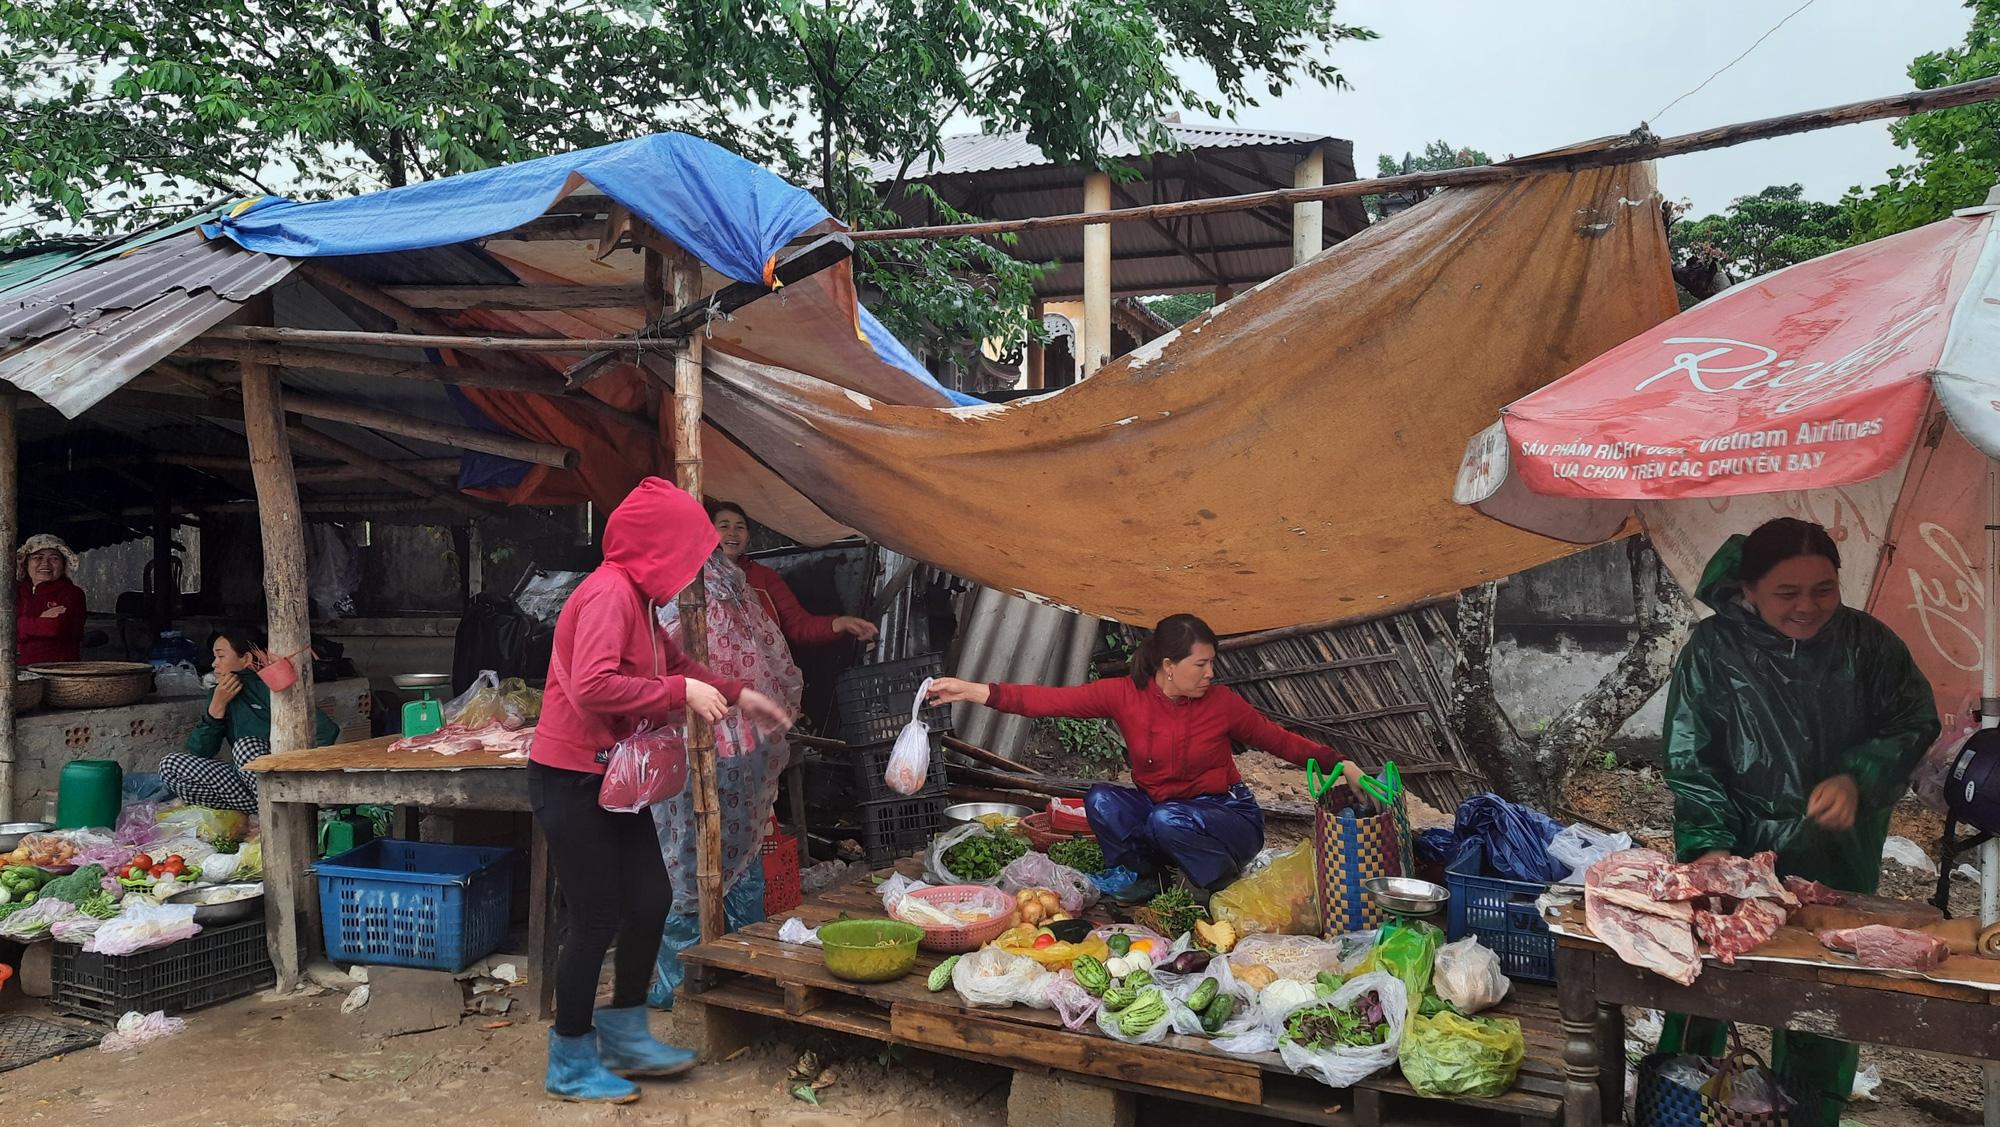 Quảng Trị: Chợ 3,9 tỷ đồng bị bỏ hoang, dân bán ở chợ xép nhếch nhác - Ảnh 4.